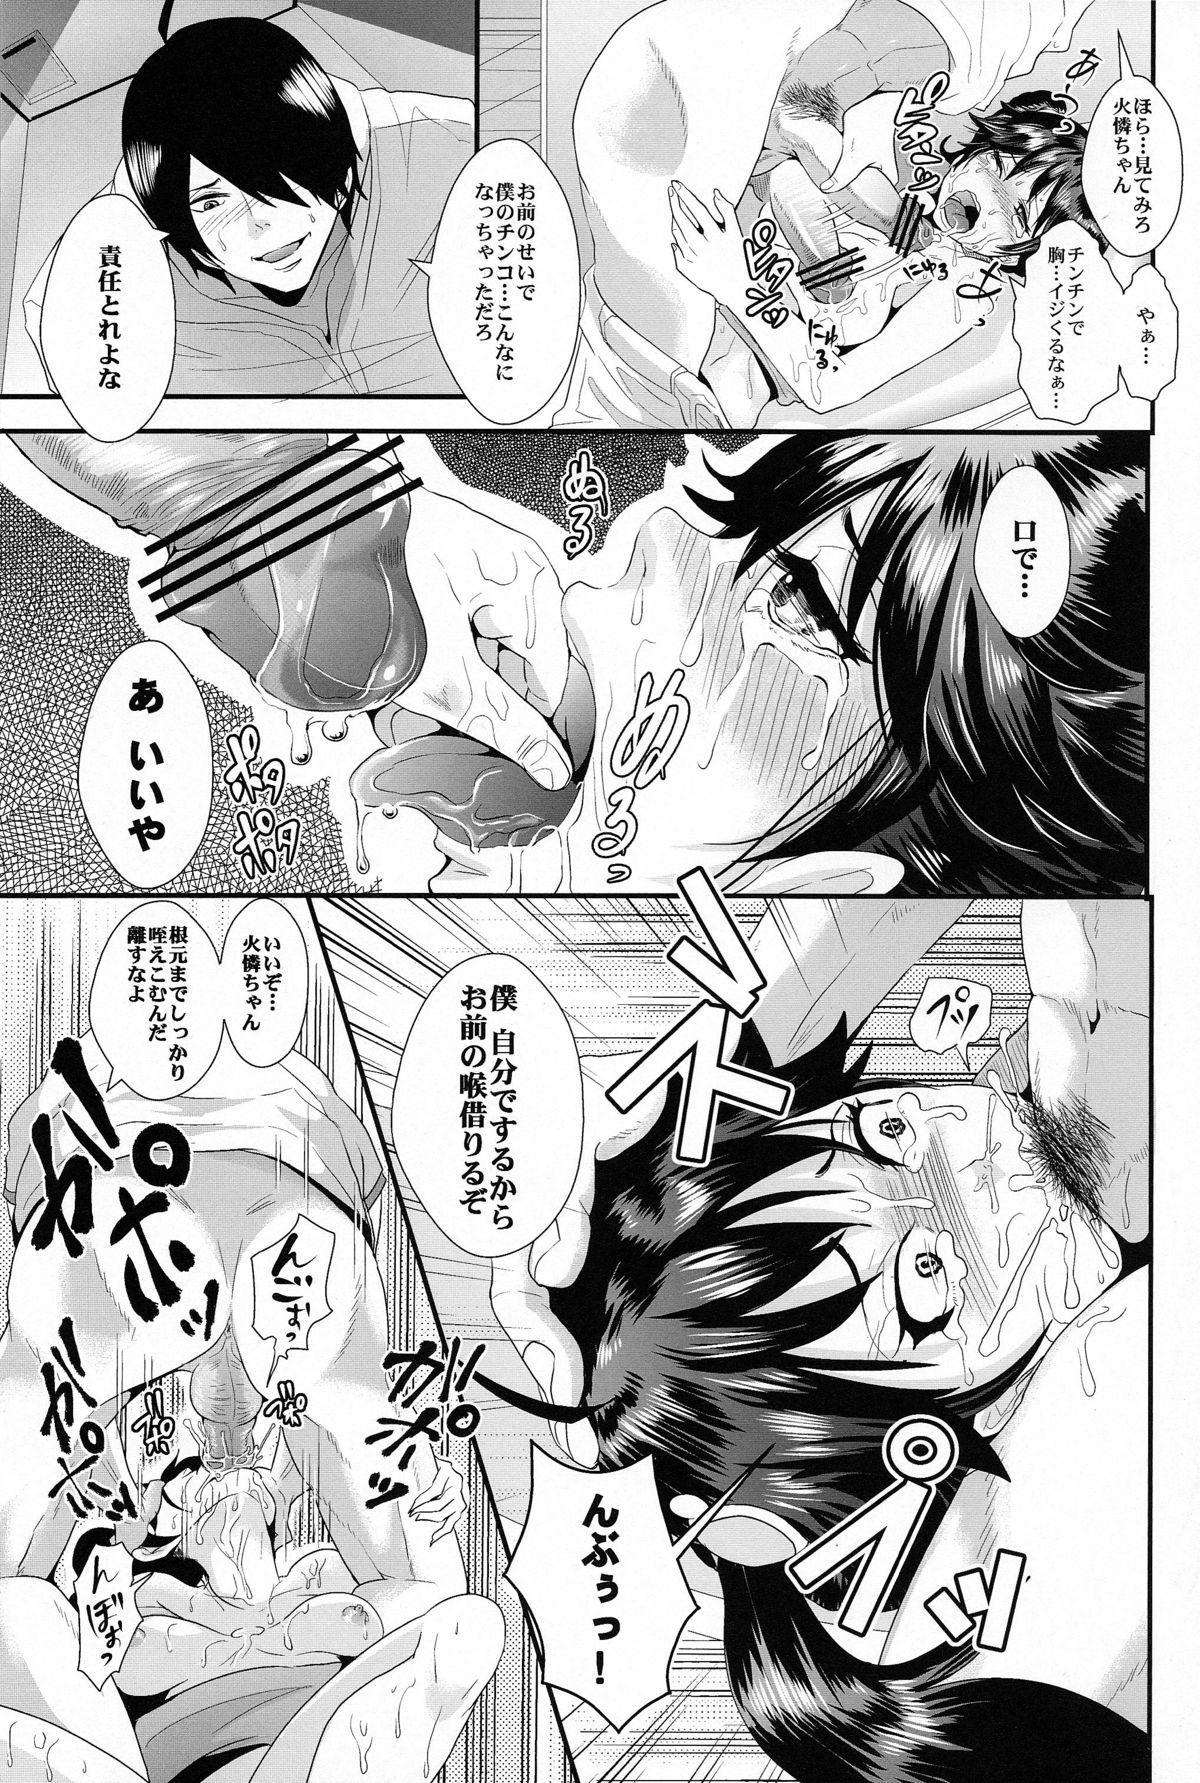 Netsu ni Okasareta Karen-chan to Toilet de.... 14